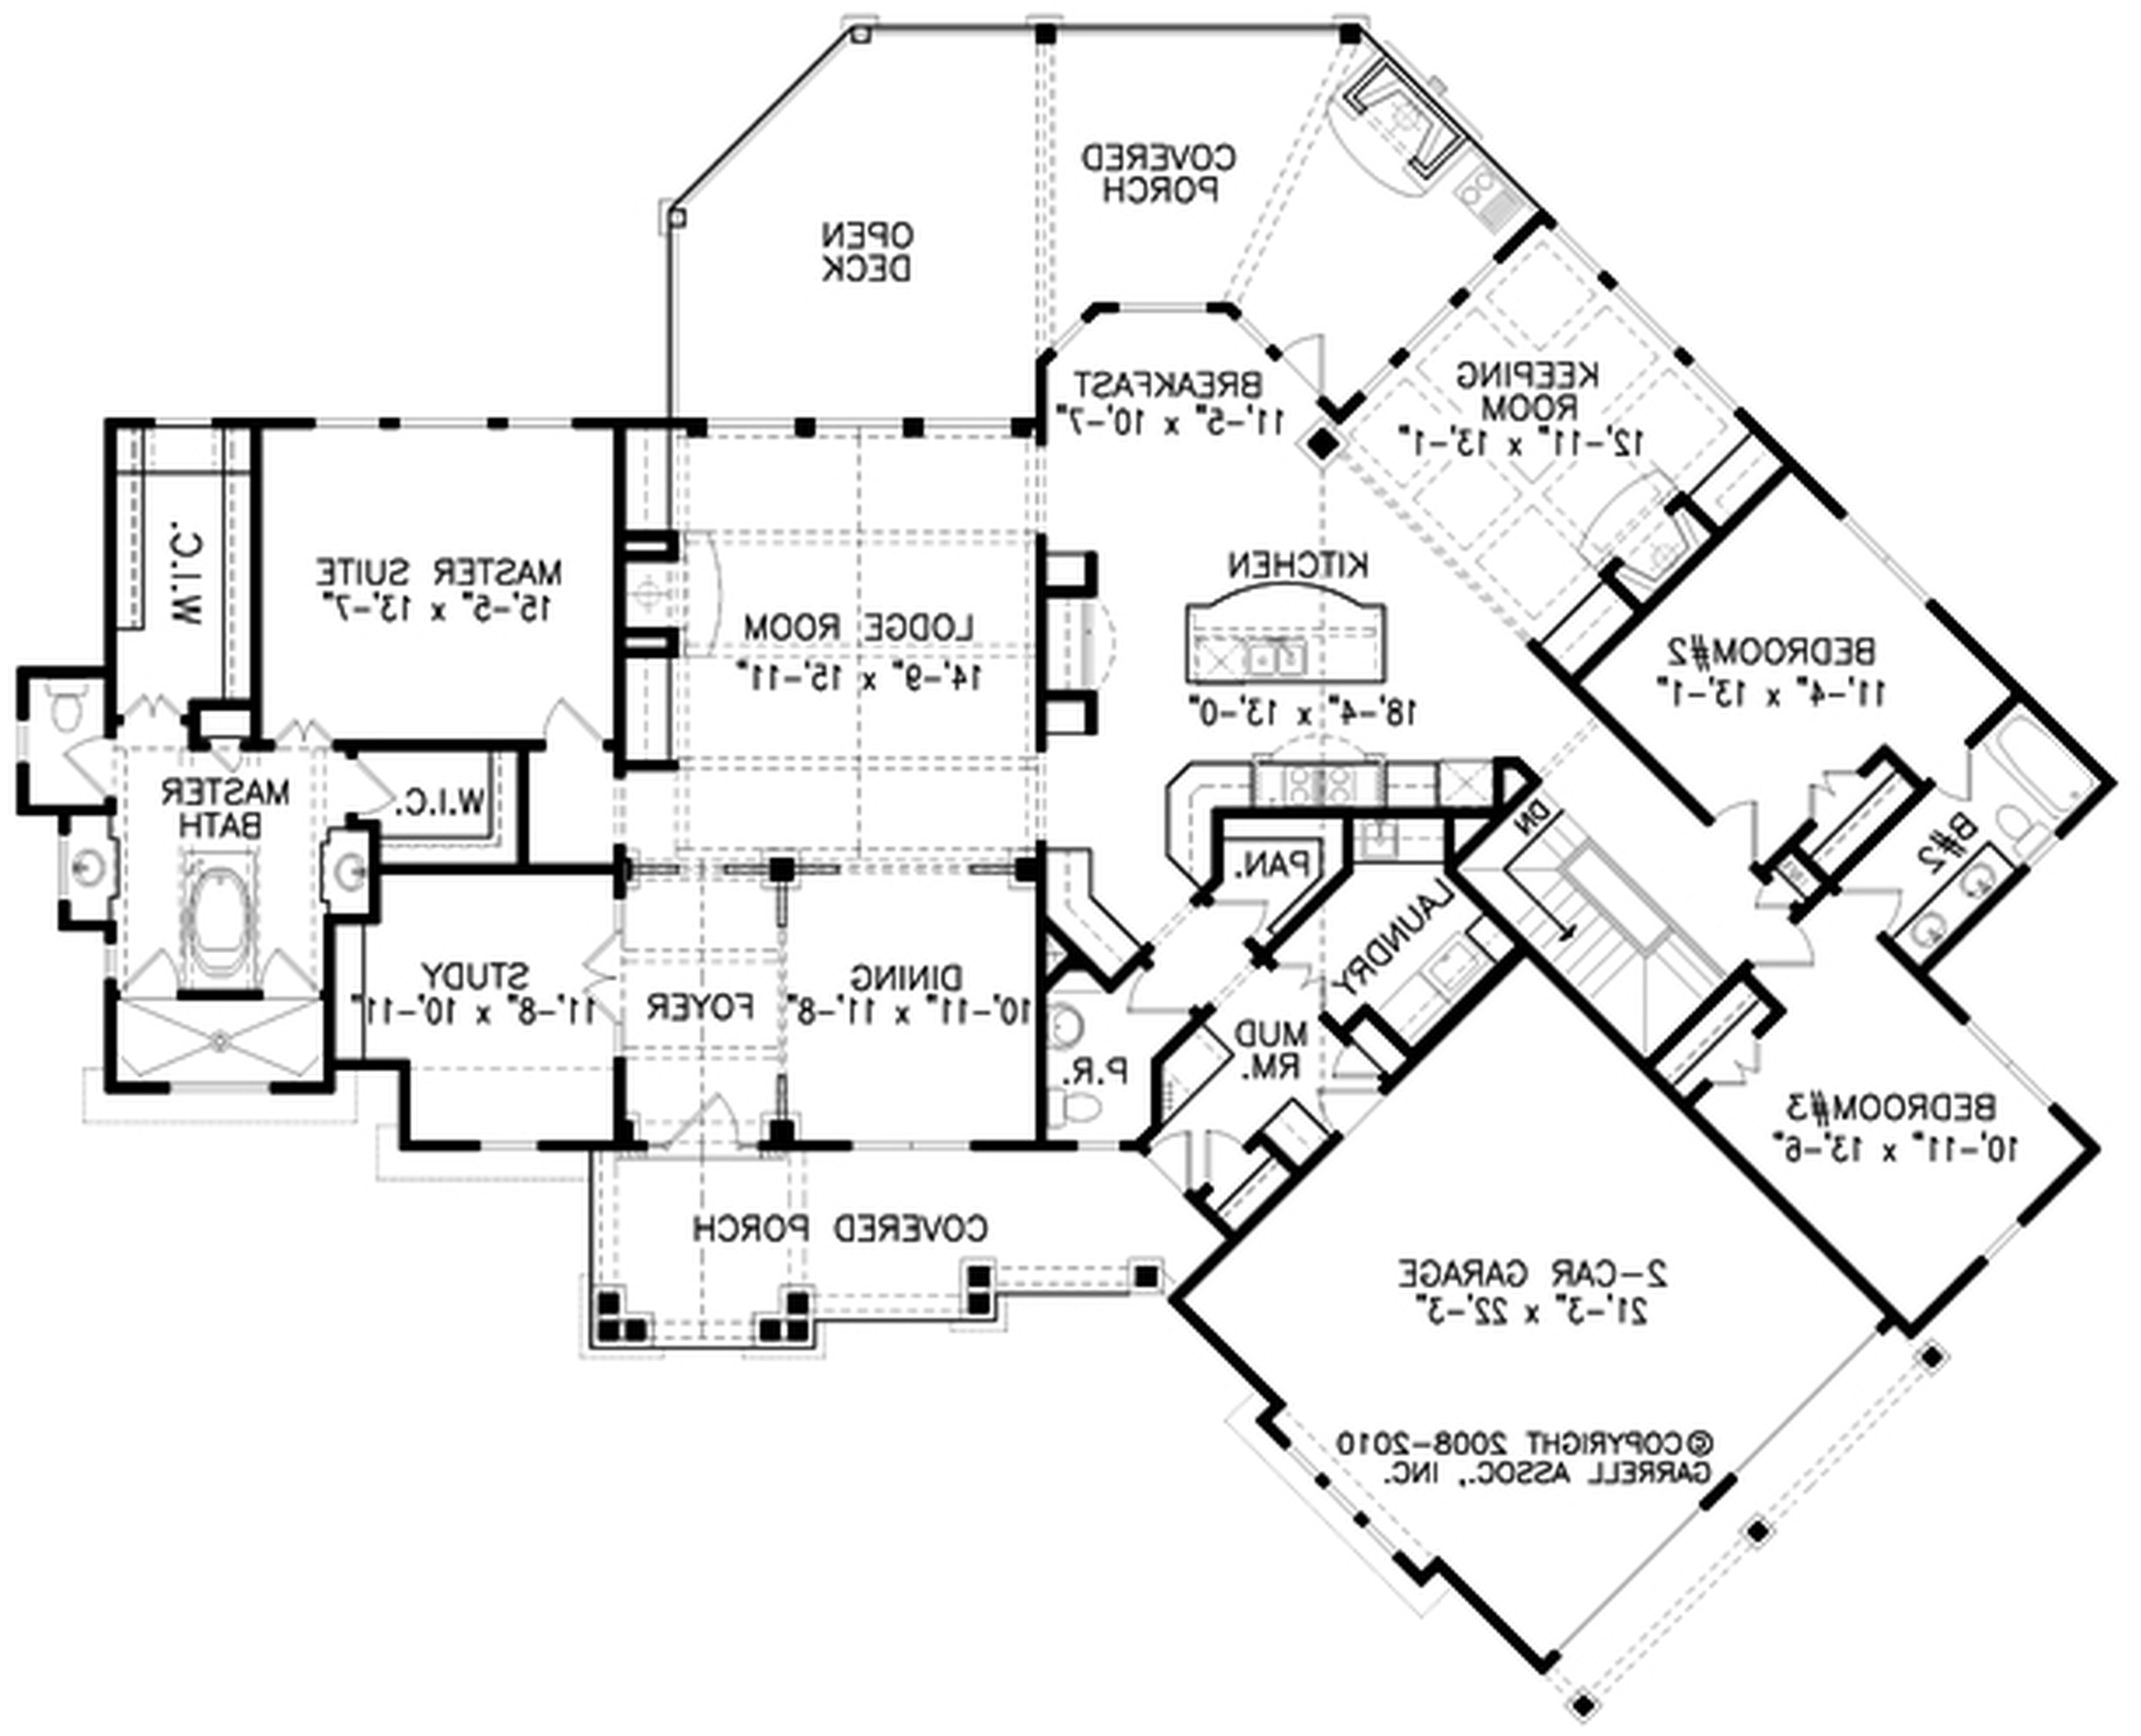 modern house plans floor family | Home Design Idea | Pinterest ...